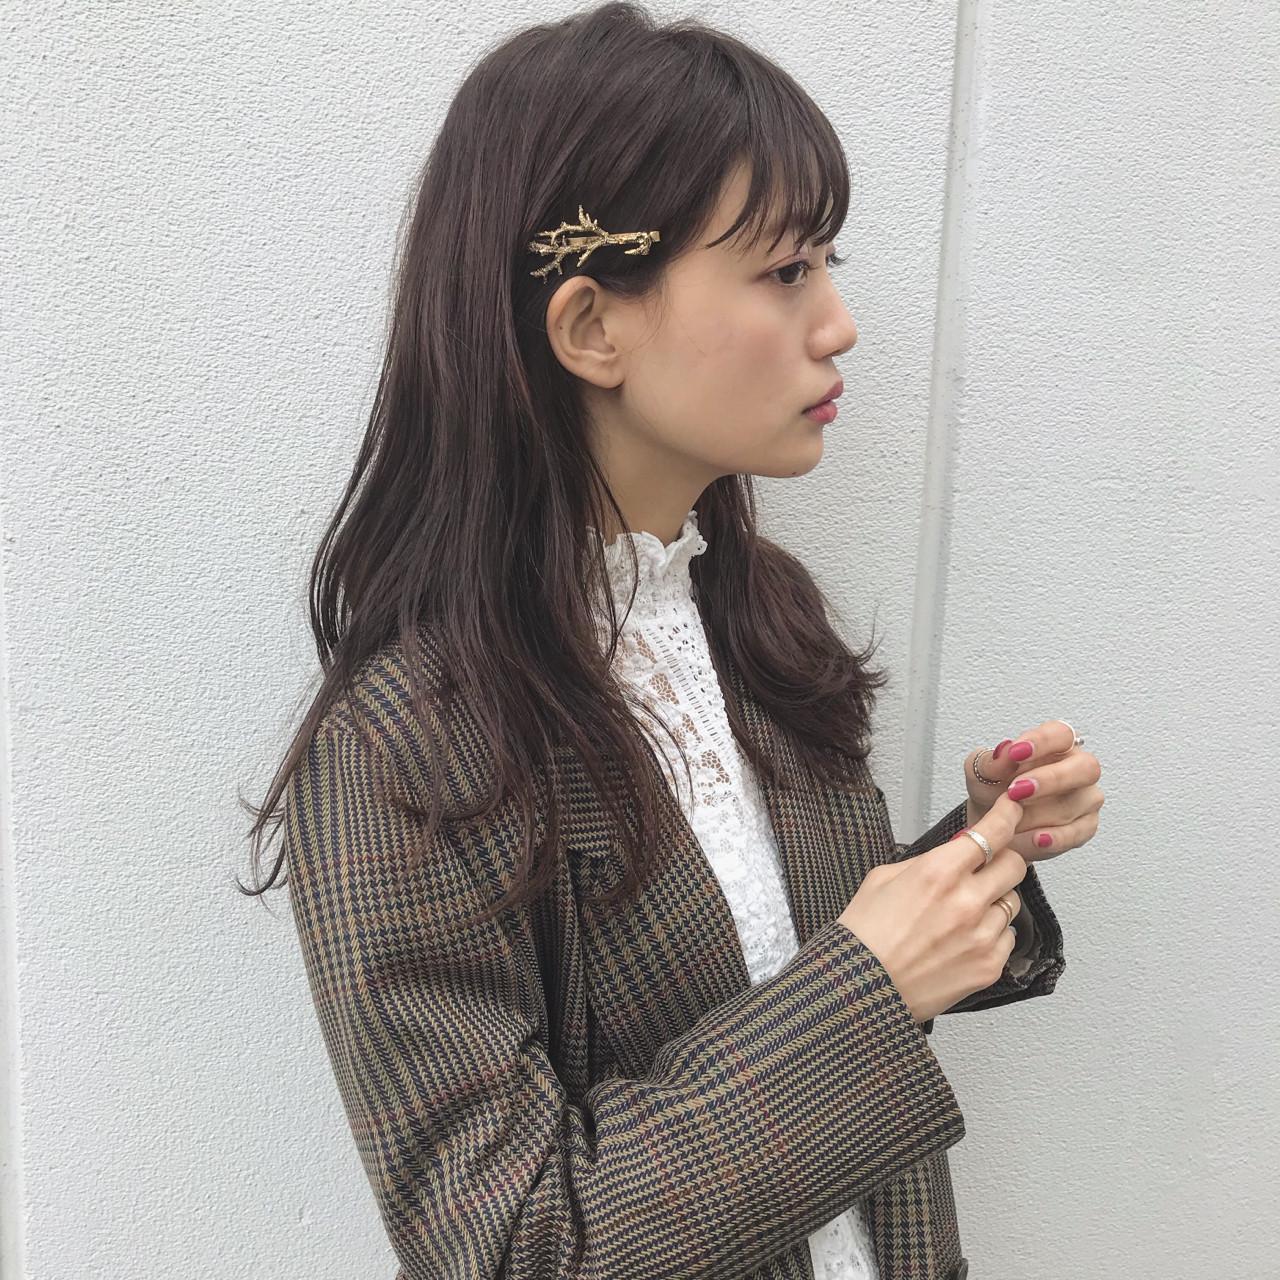 ヘアアレンジ 結婚式 ナチュラル 簡単ヘアアレンジ ヘアスタイルや髪型の写真・画像 | 佐々木拓巳 / GARDEN harajuku